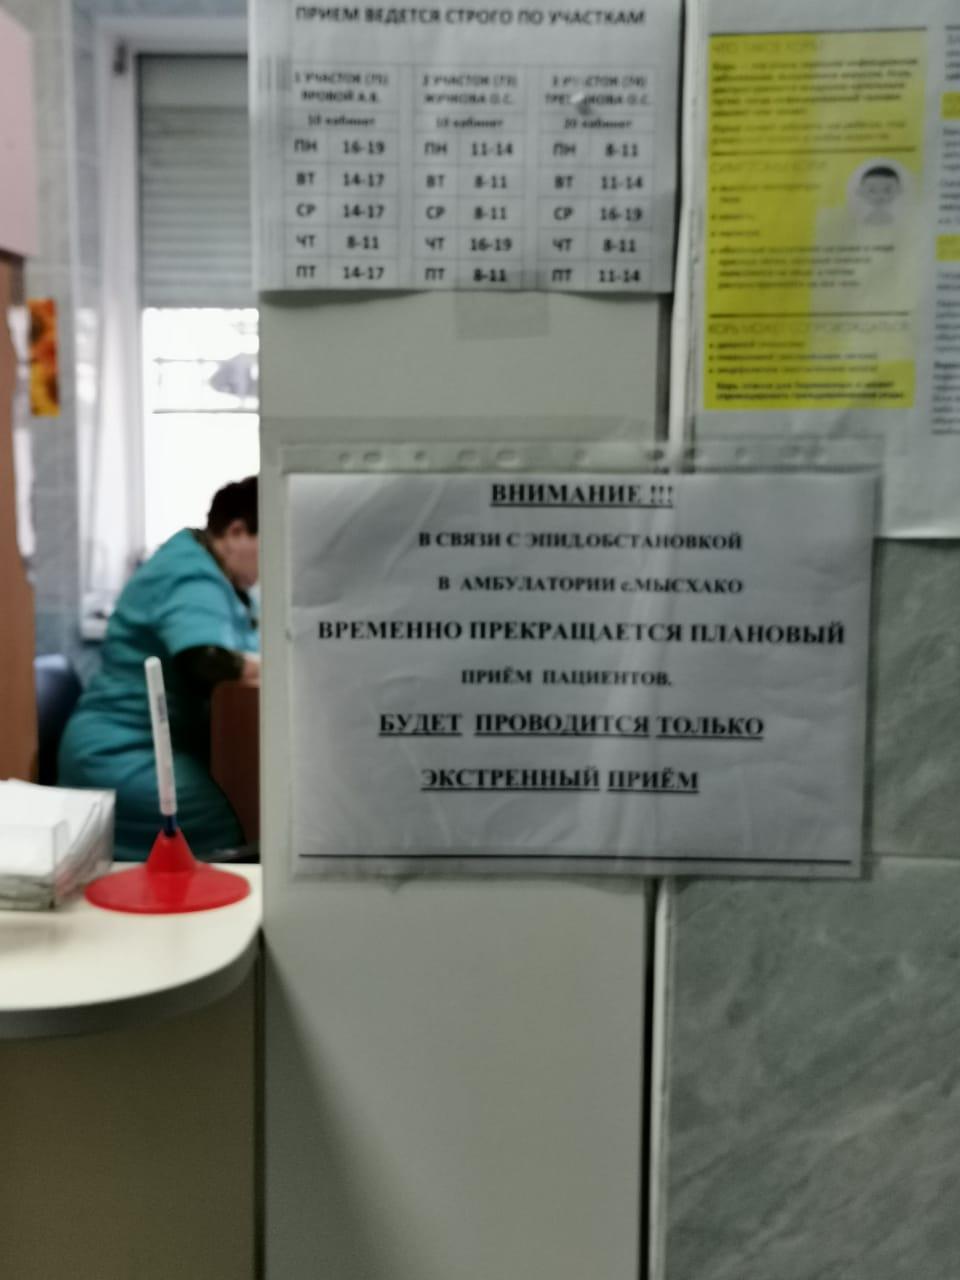 Амбулатория Новороссийска сдалась под натиском коронавируса: теперь принимают только экстренных пациентов